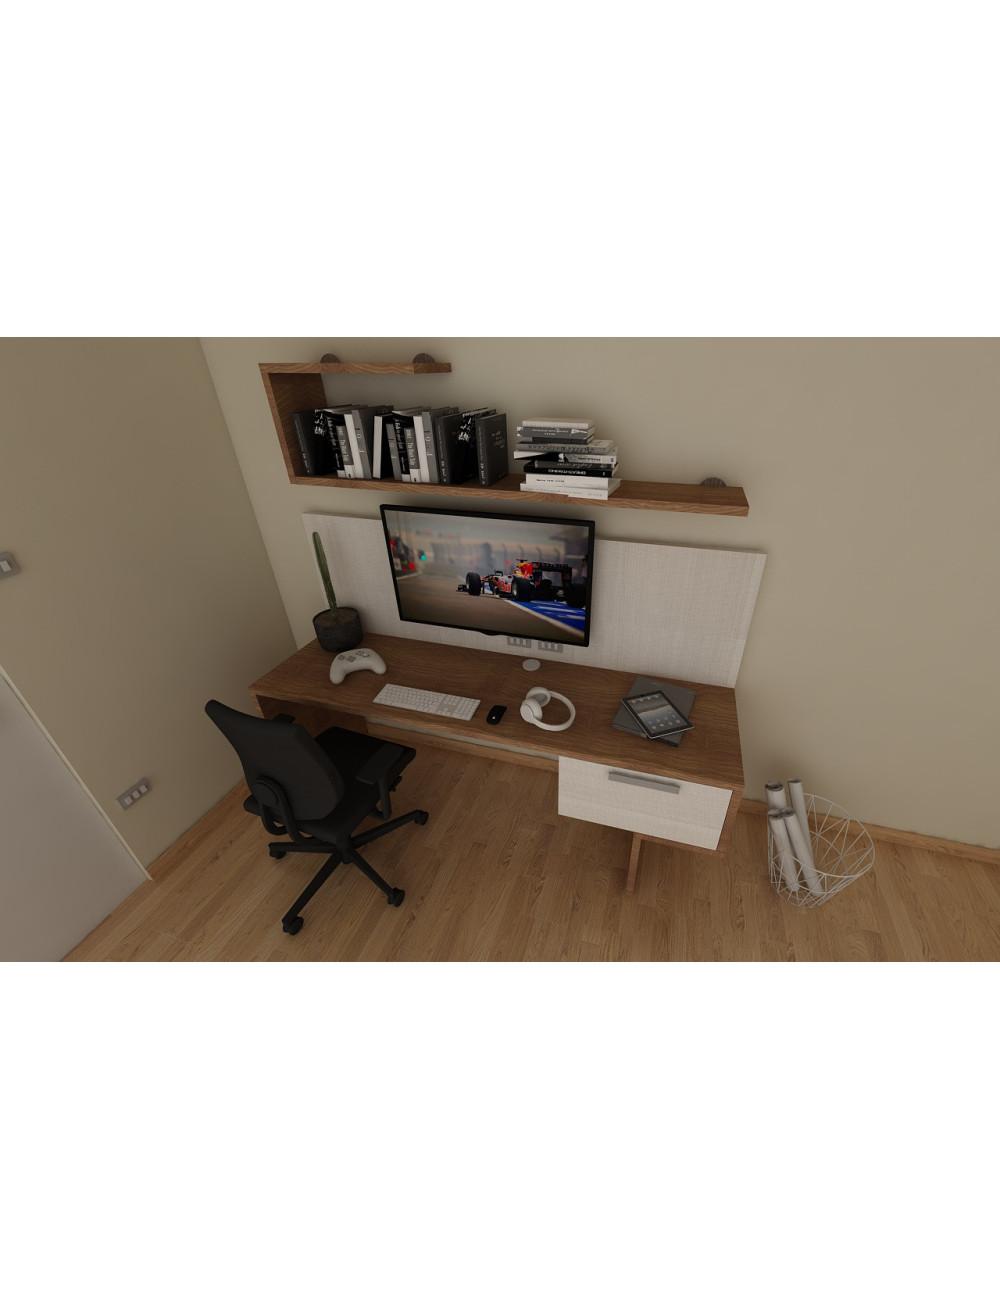 console de jeu design bureau d angle d etude avec 2 tiroirs habillage meuble tv et etageres l 205 p 60